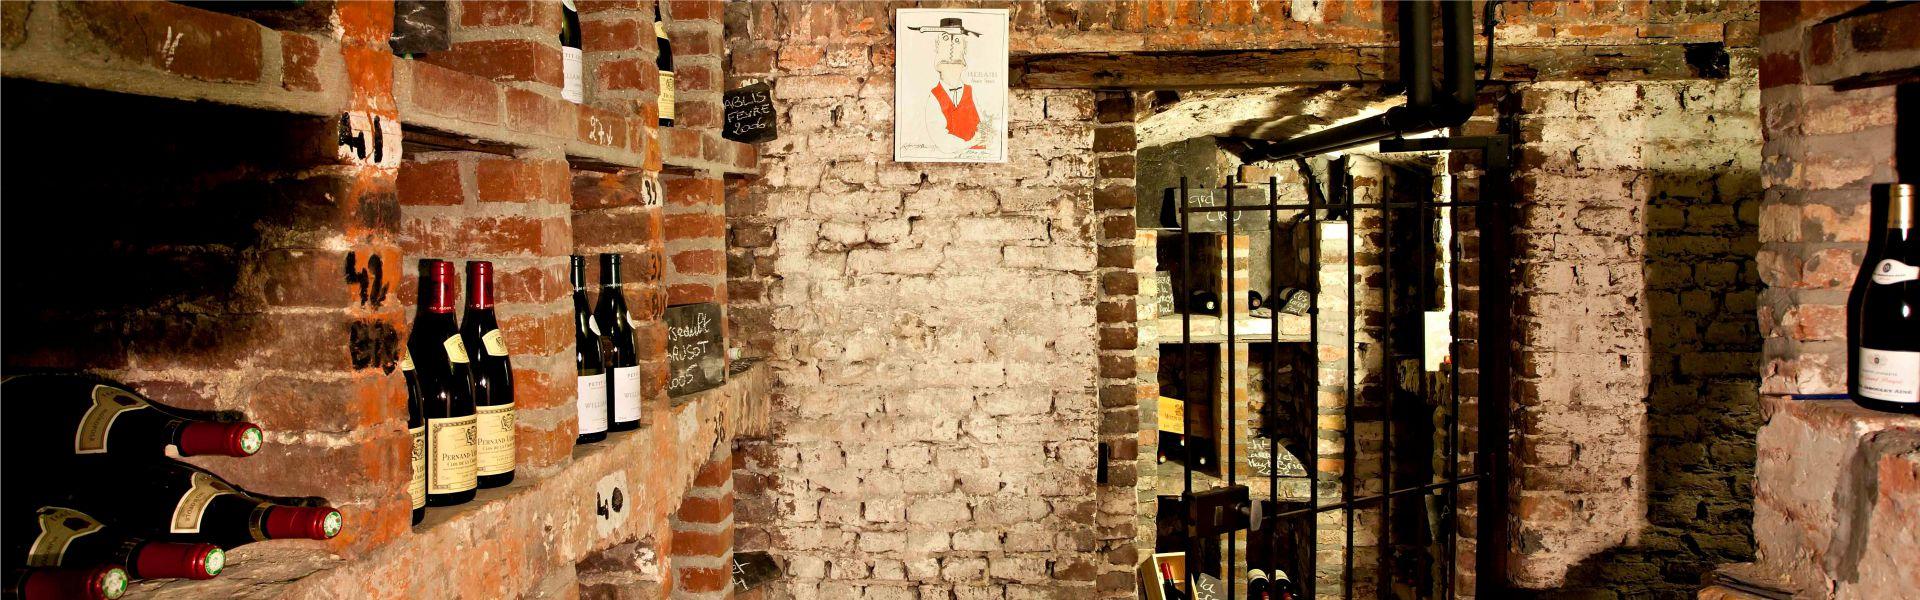 La cave à vins du Najeti Restaurant le Clusius